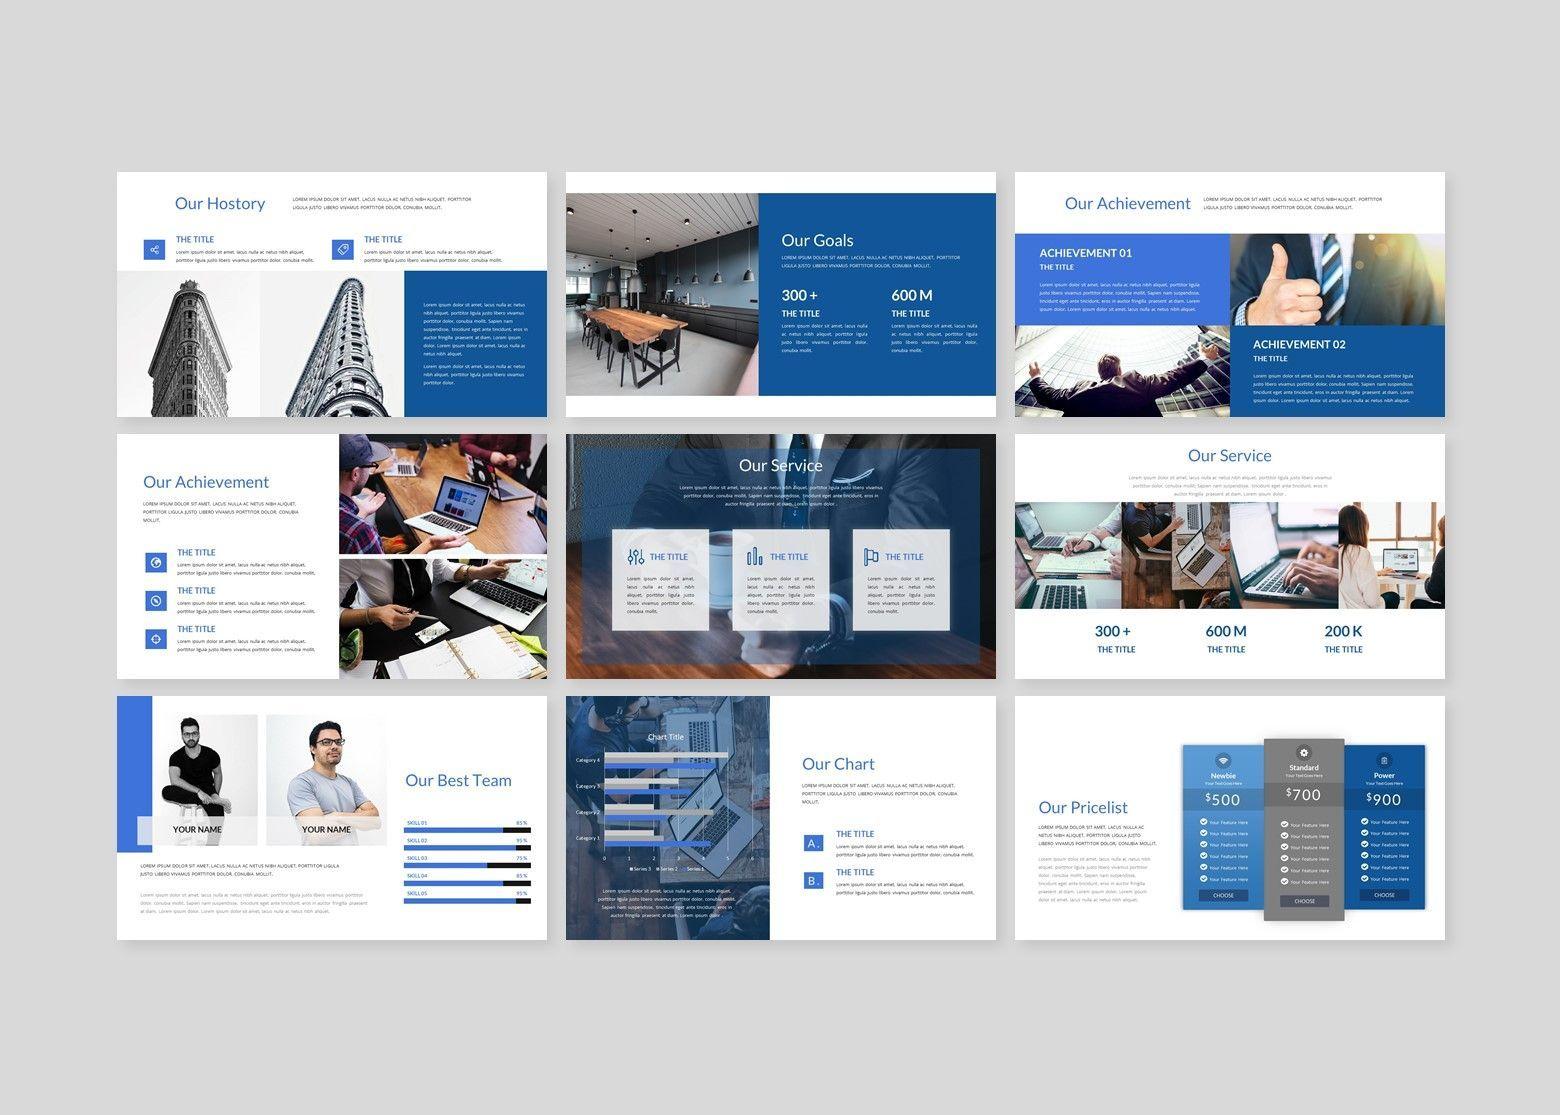 Finanza - Finance Google Slides Template, Slide 5, 08397, Business Models — PoweredTemplate.com